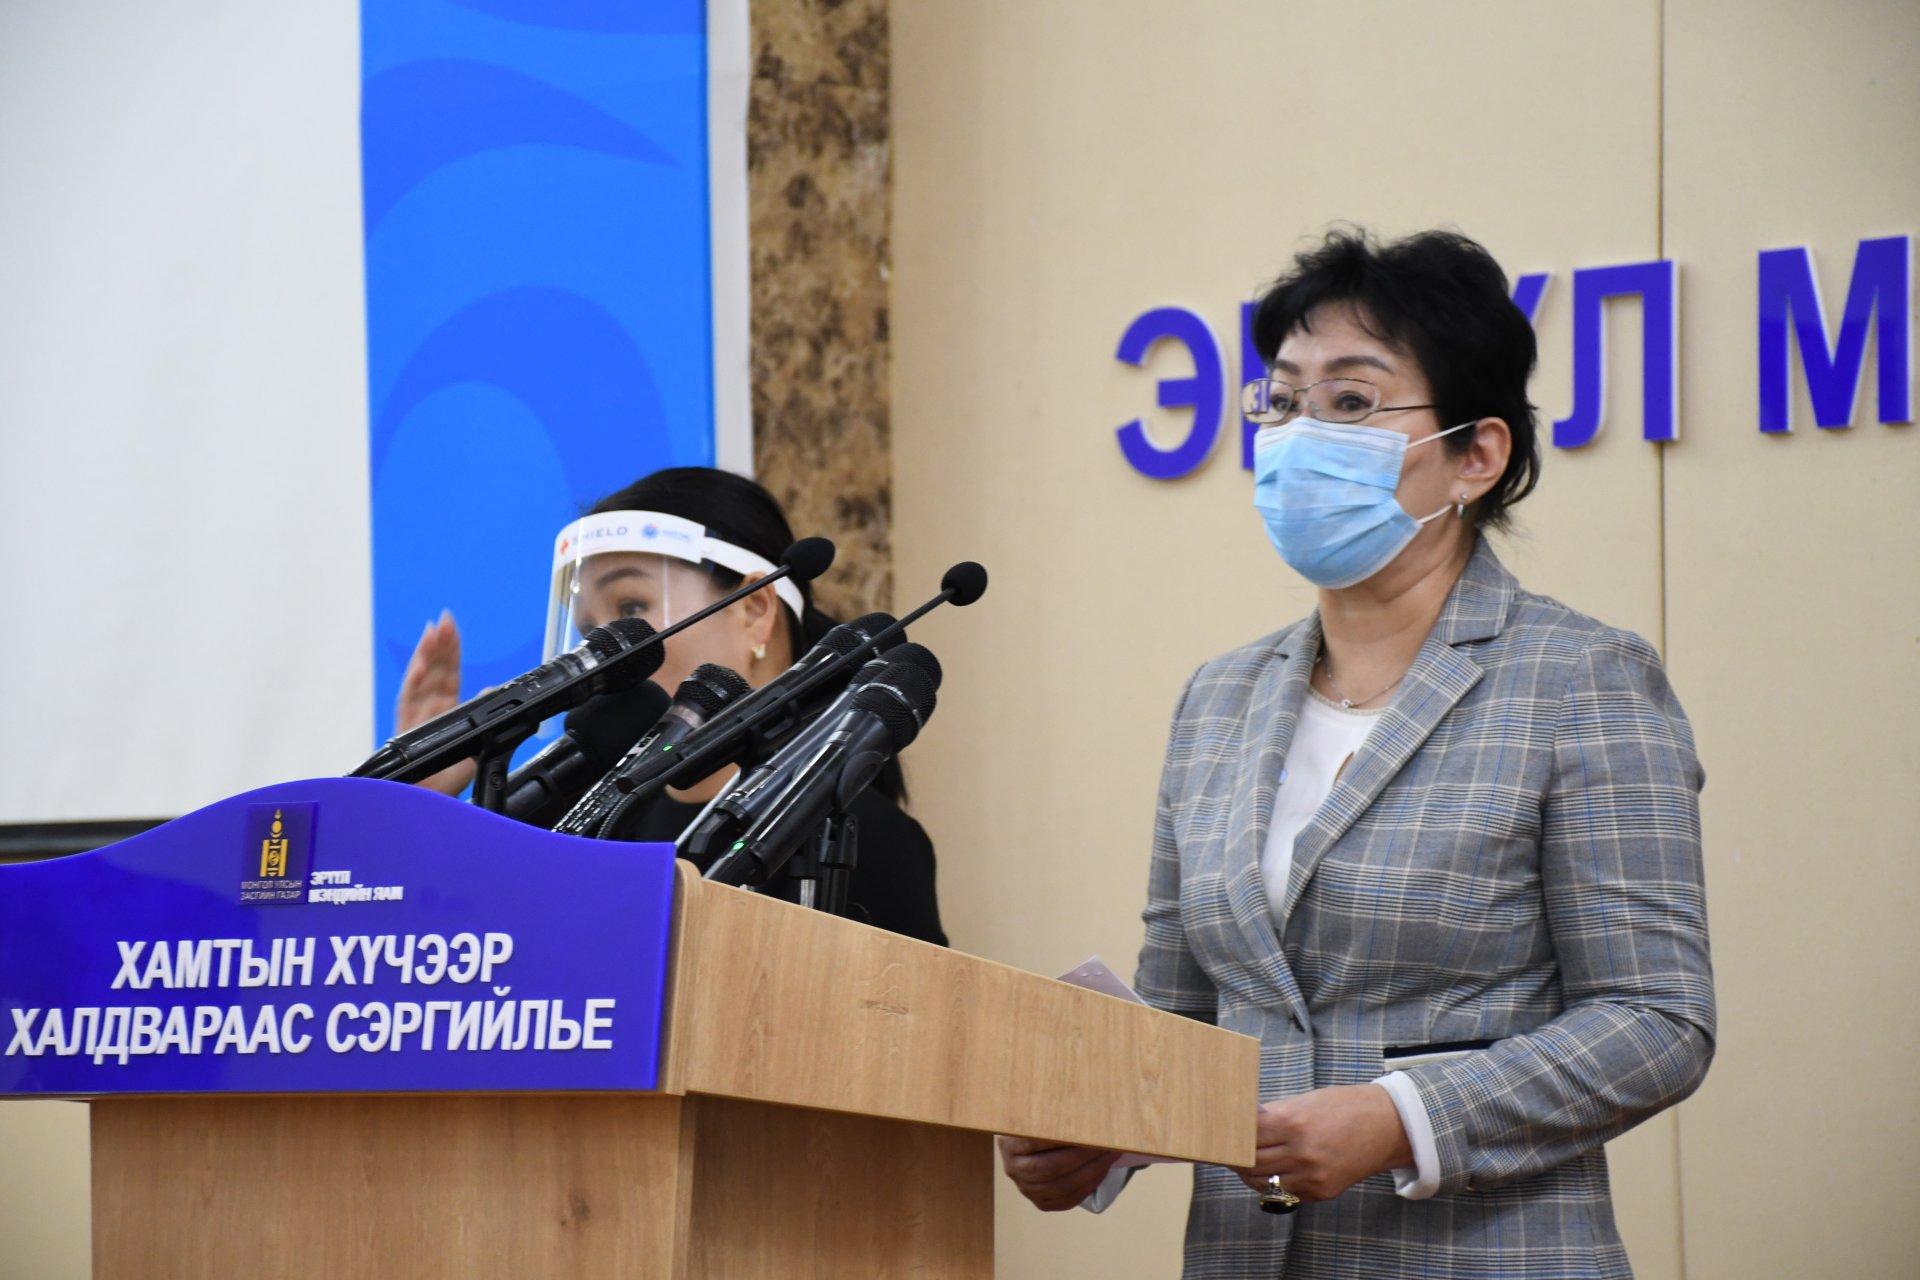 Д.Нарангэрэл: Өнгөрсөн өвөл манай улсын хүн амын дунд шинэ коронавирусийн халдвар гараагүйг баттай хэлж чадна